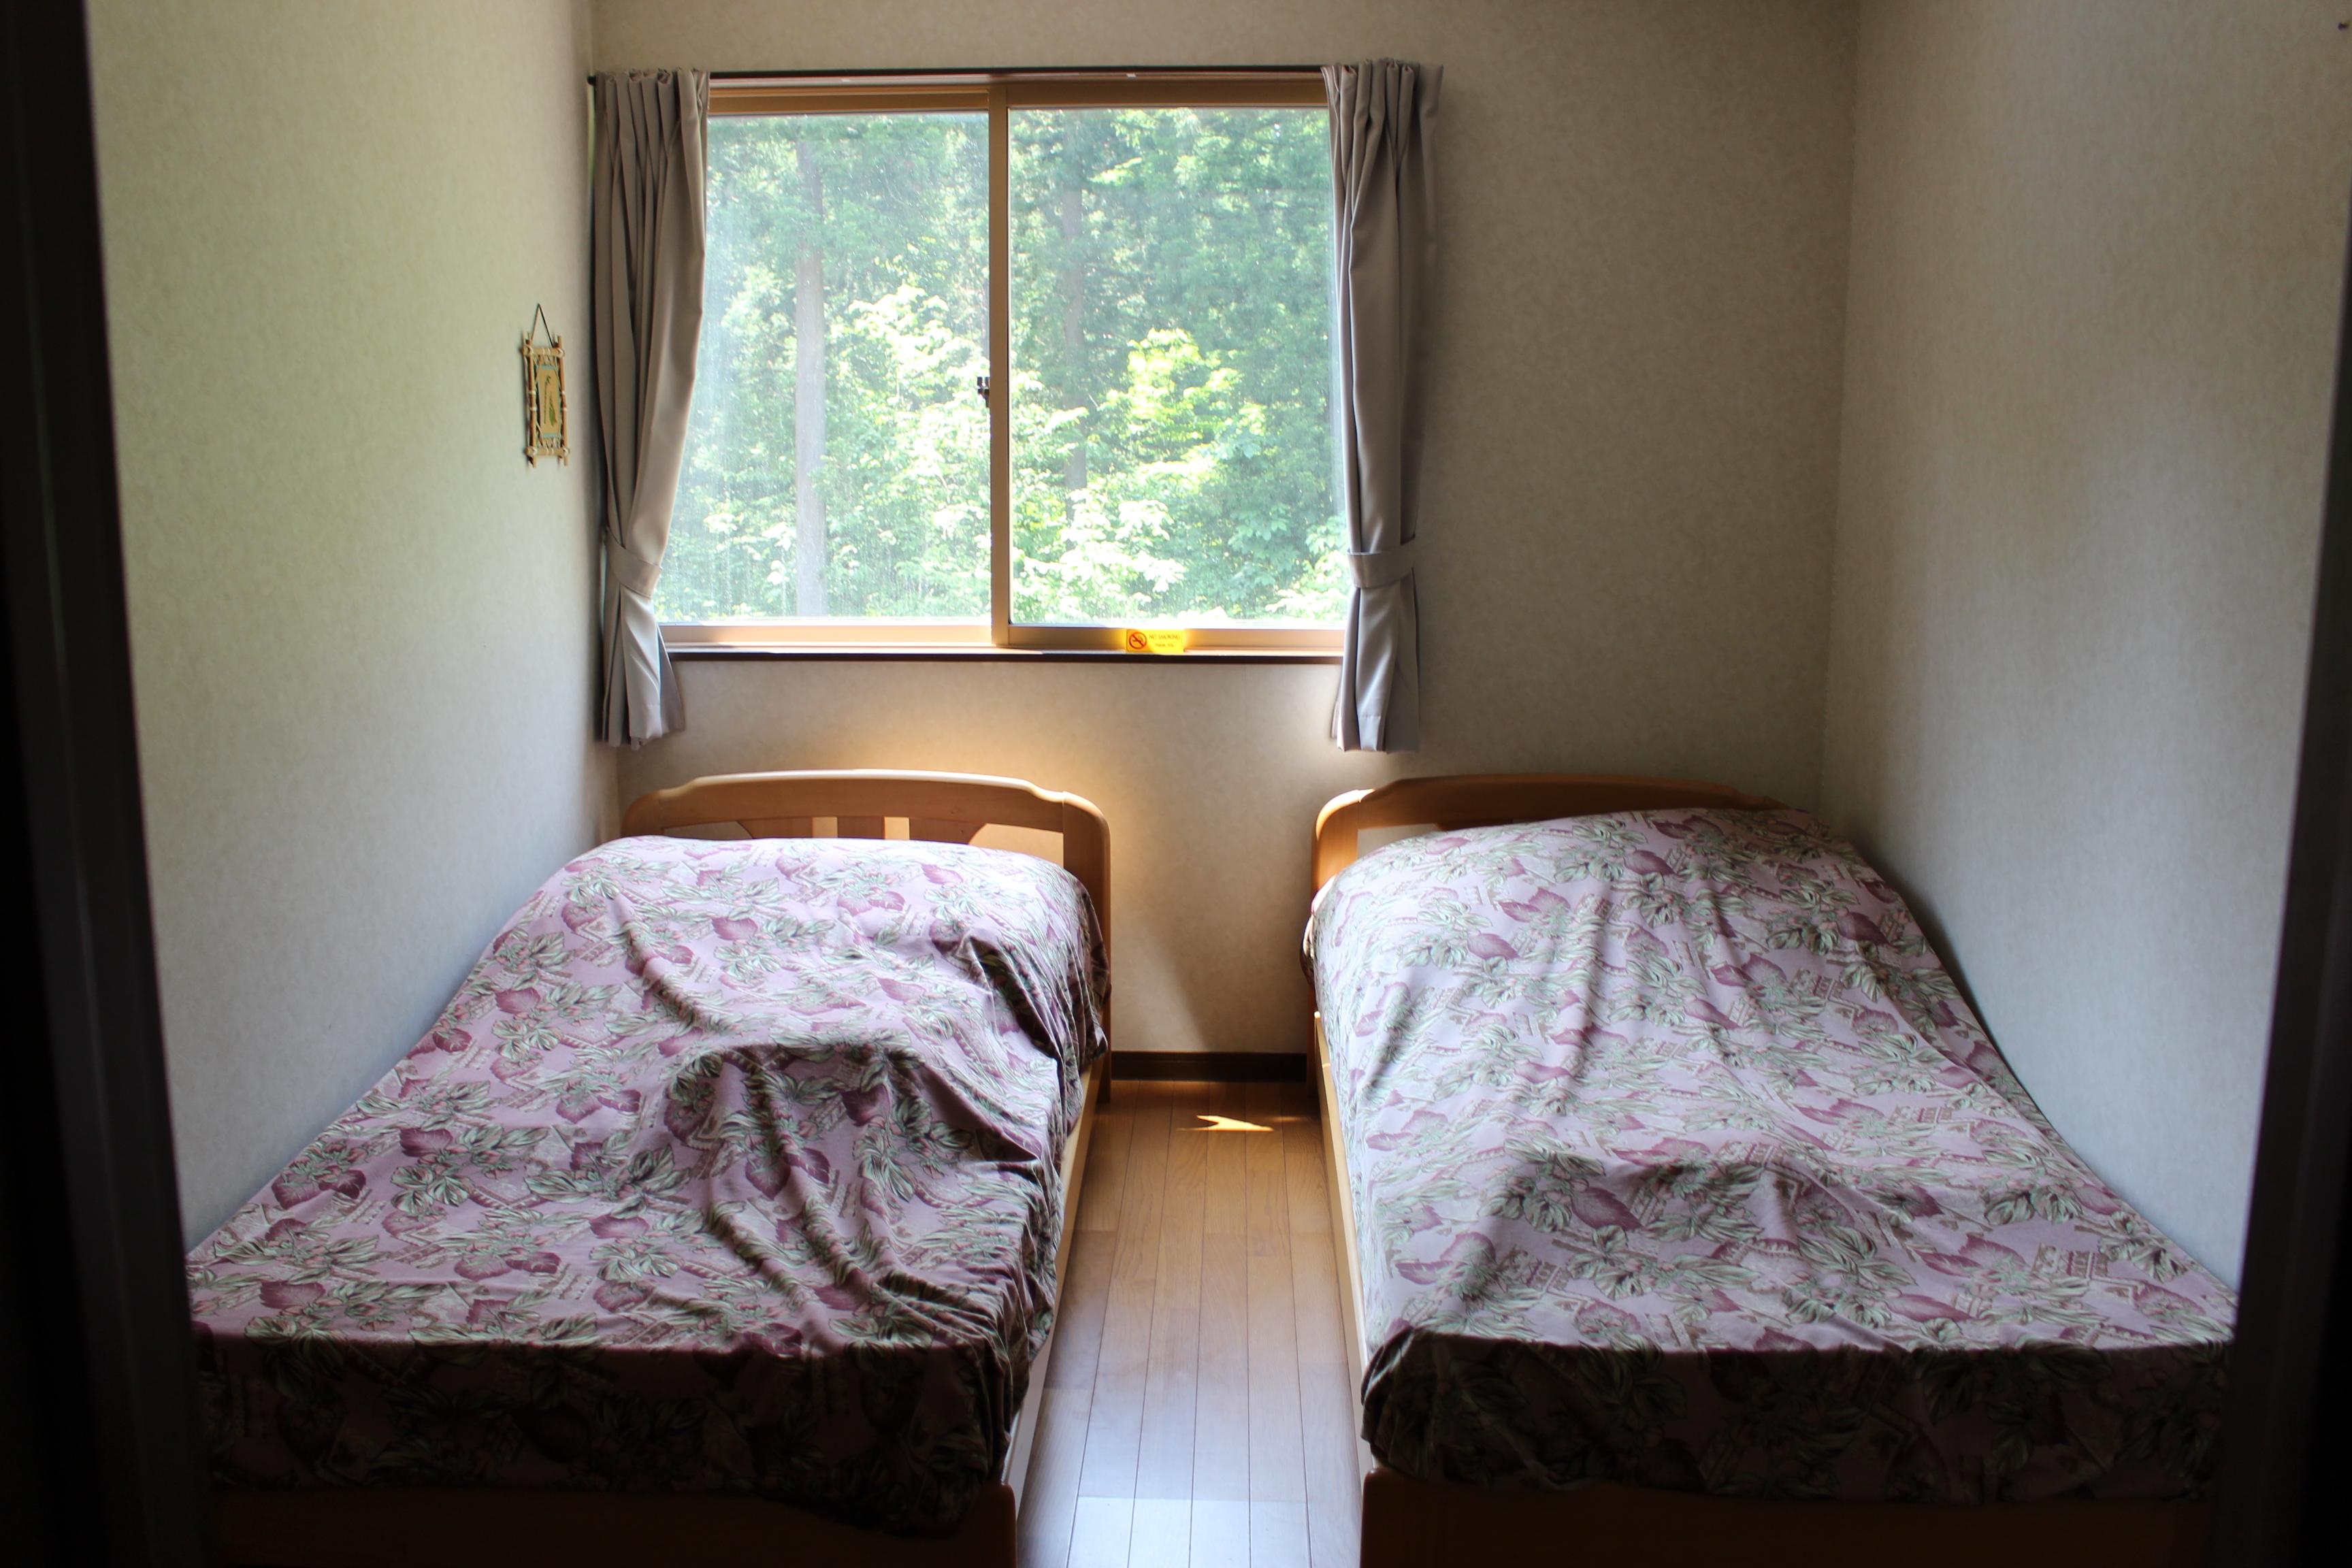 どのお部屋も綺麗に整えられた状態です